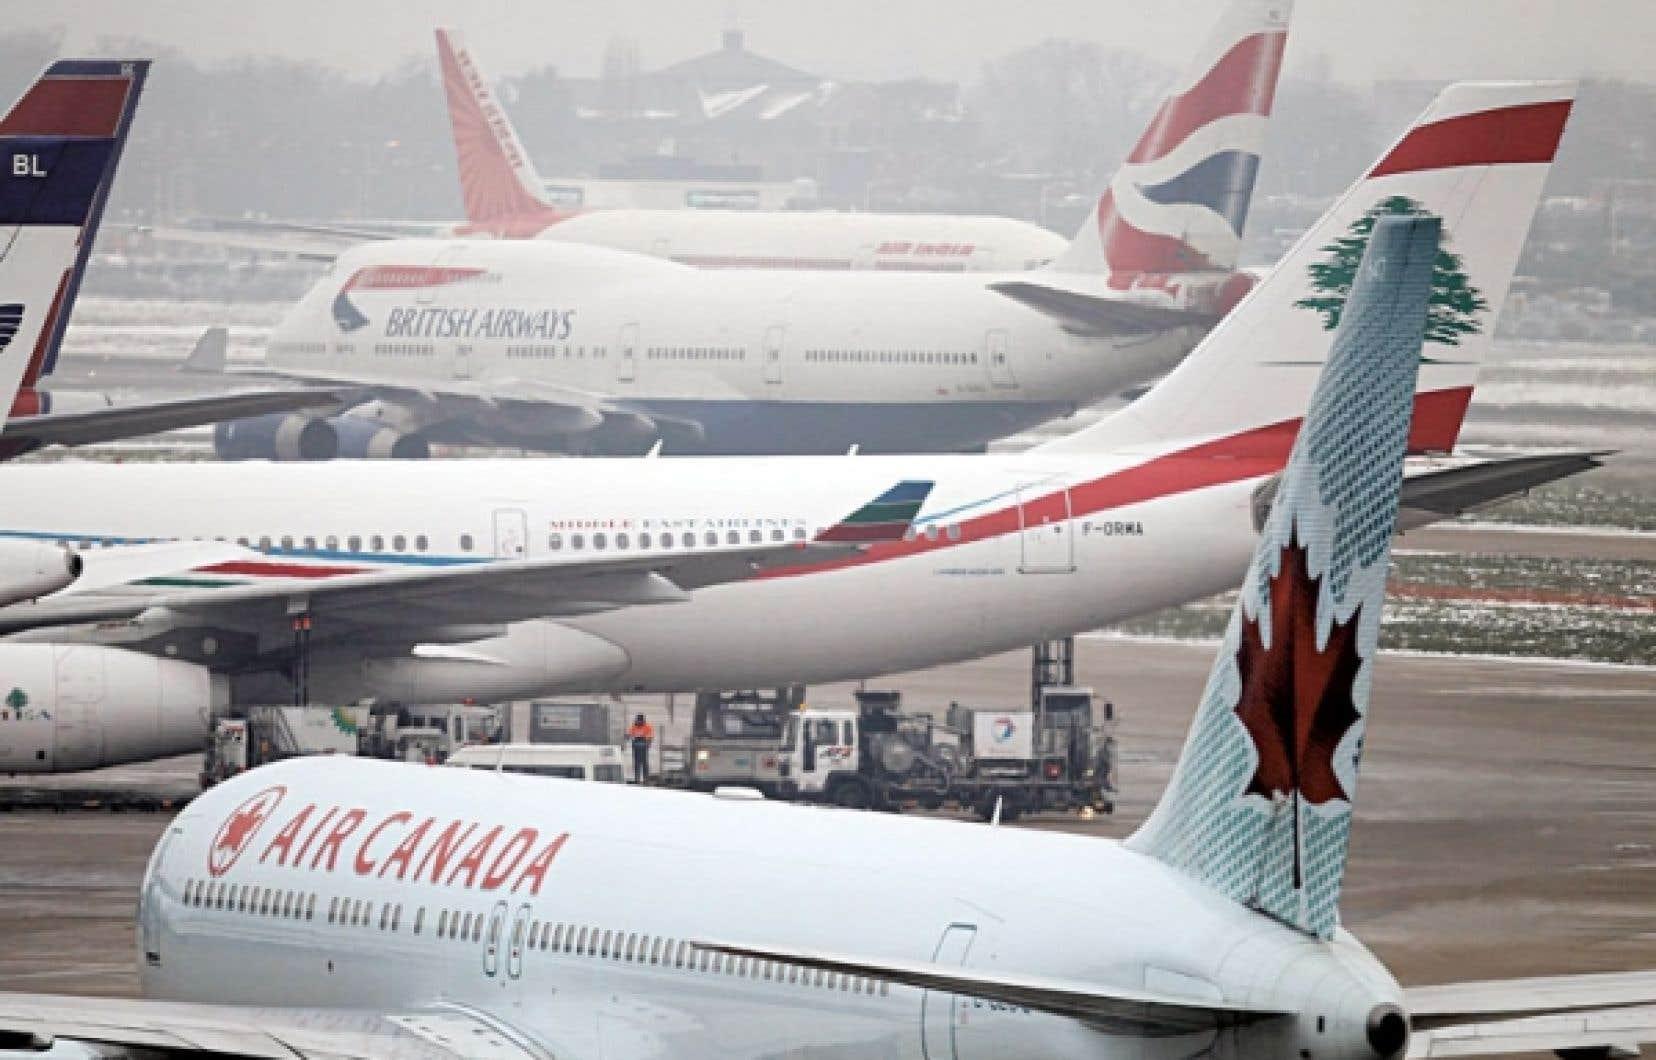 Des avions stationnés à l'aéroport Heathrow de Londres. Le trafic aérien mondial va doubler d'ici vingt ans, estime le secrétaire général de l'OACI, Raymond Benjamin.